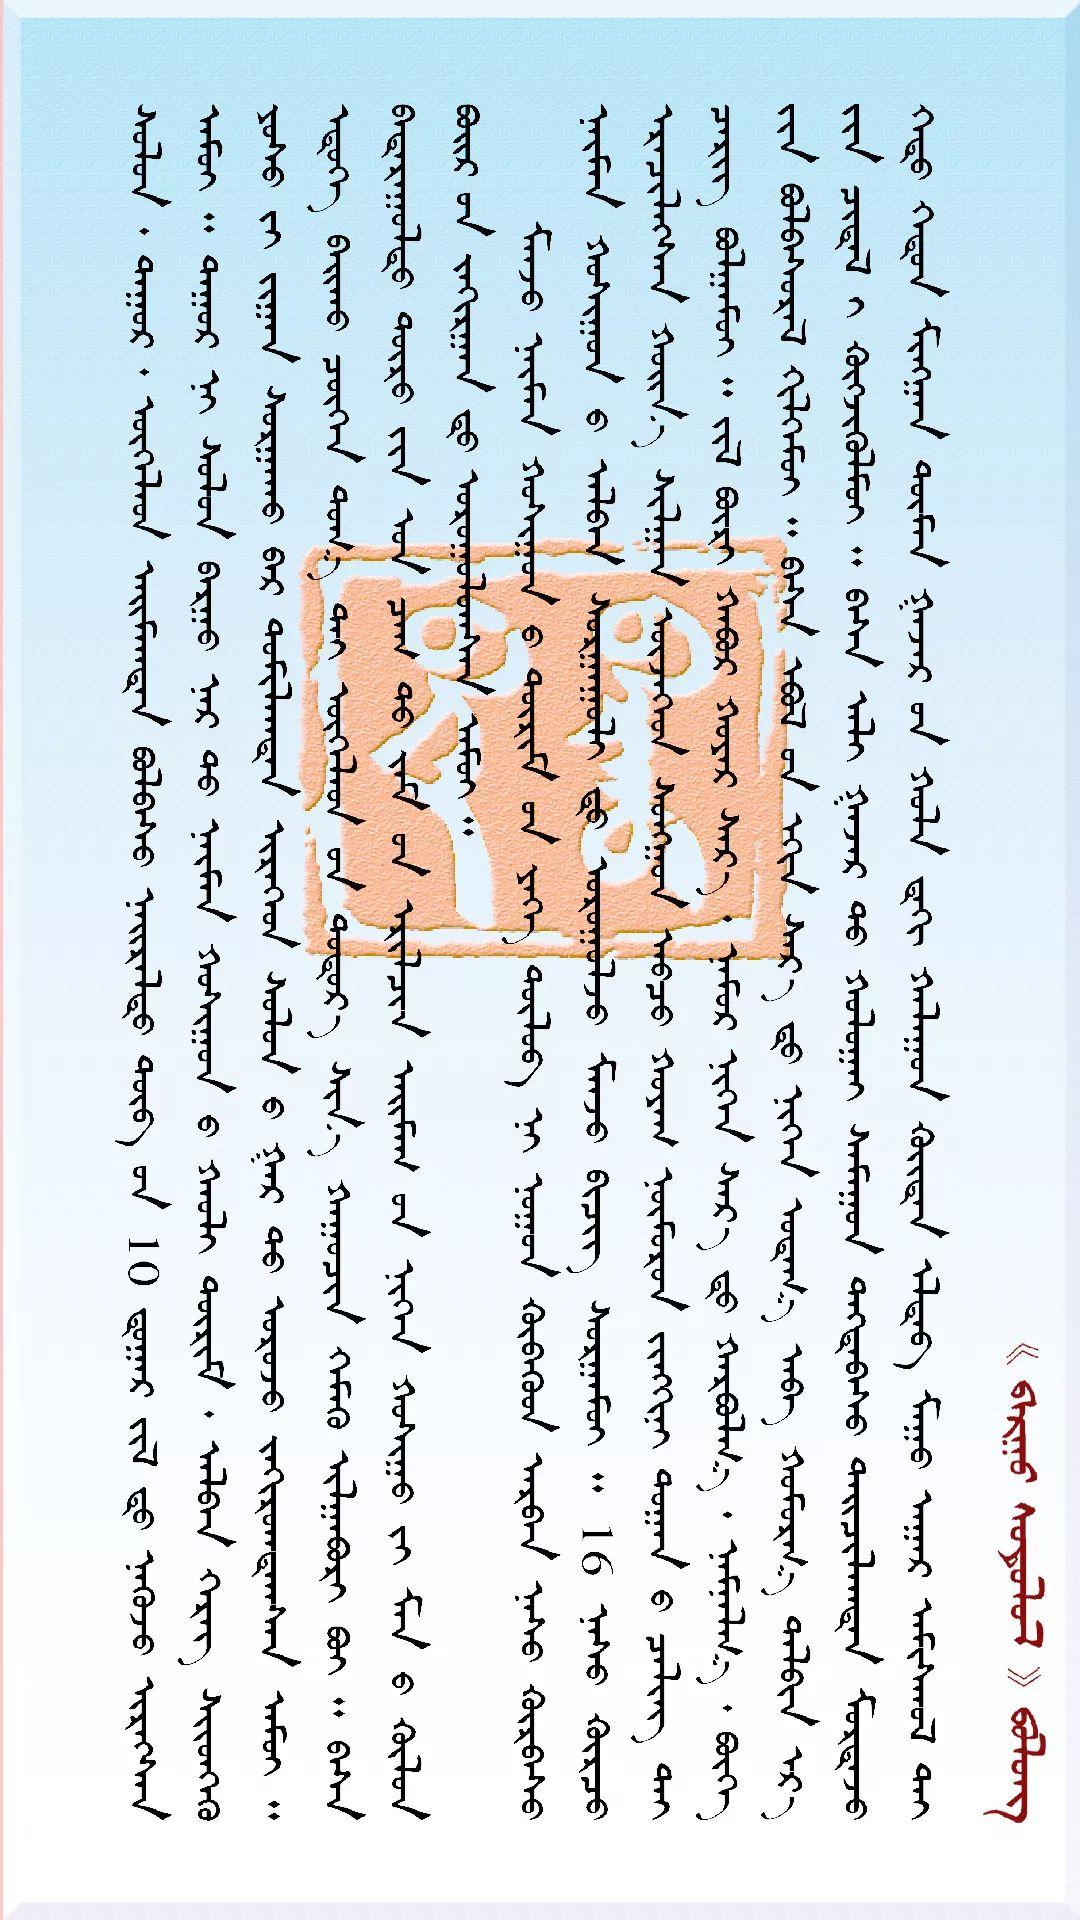 巴尔虎研究【第四期】 第11张 巴尔虎研究【第四期】 蒙古文化